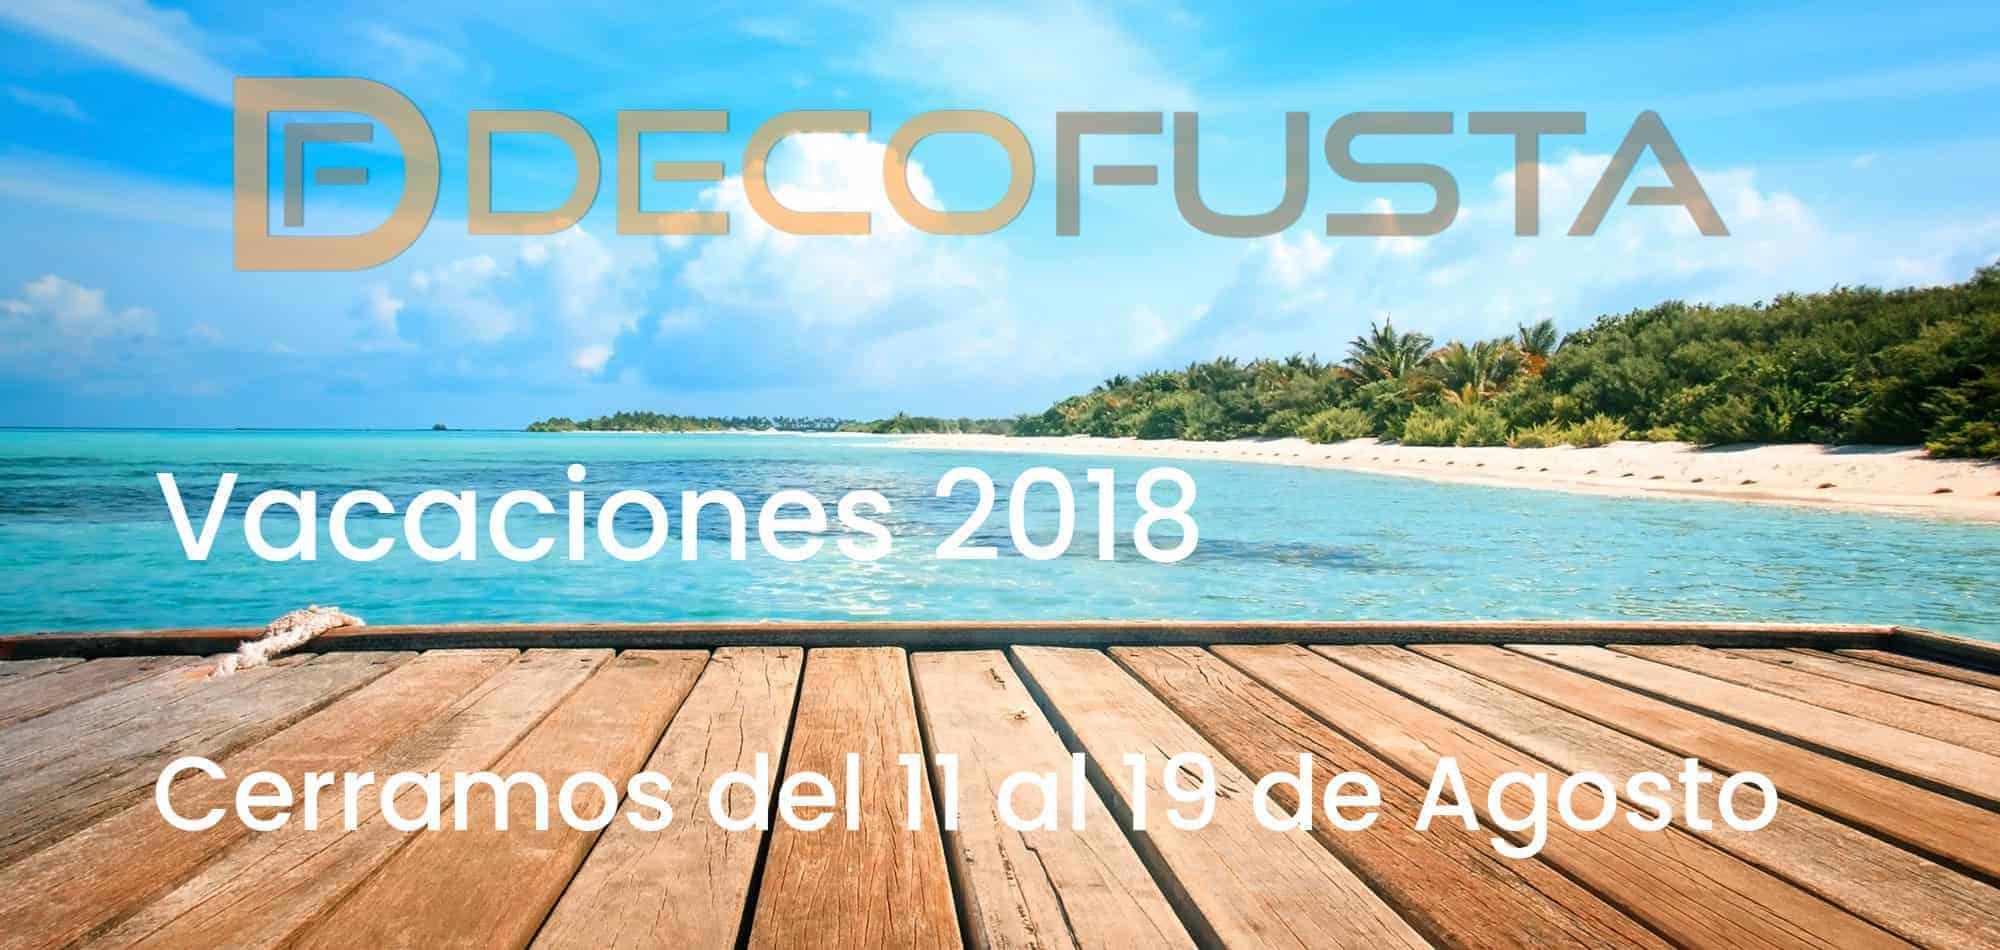 Vacaciones decofusta 2018